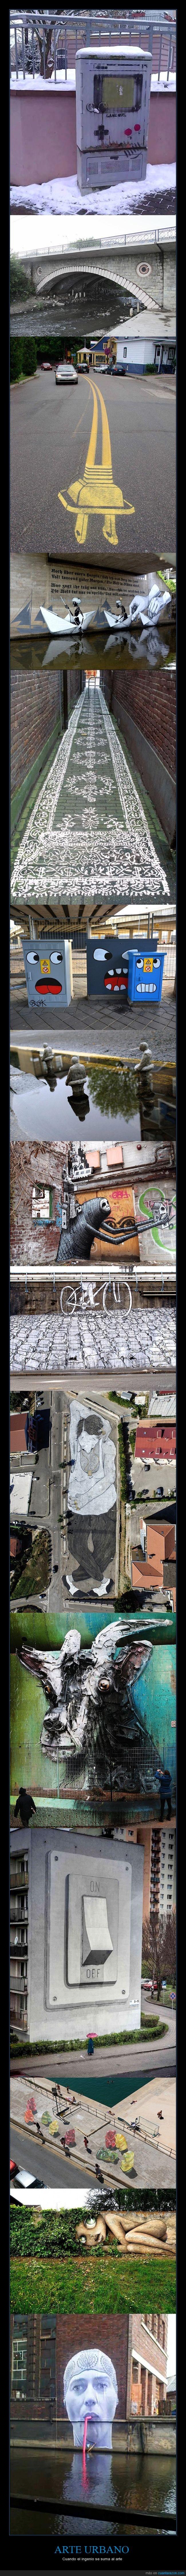 Arte,Ciudad,Curiosidad,Grafiti,Lienzo,Pintura,Urbano